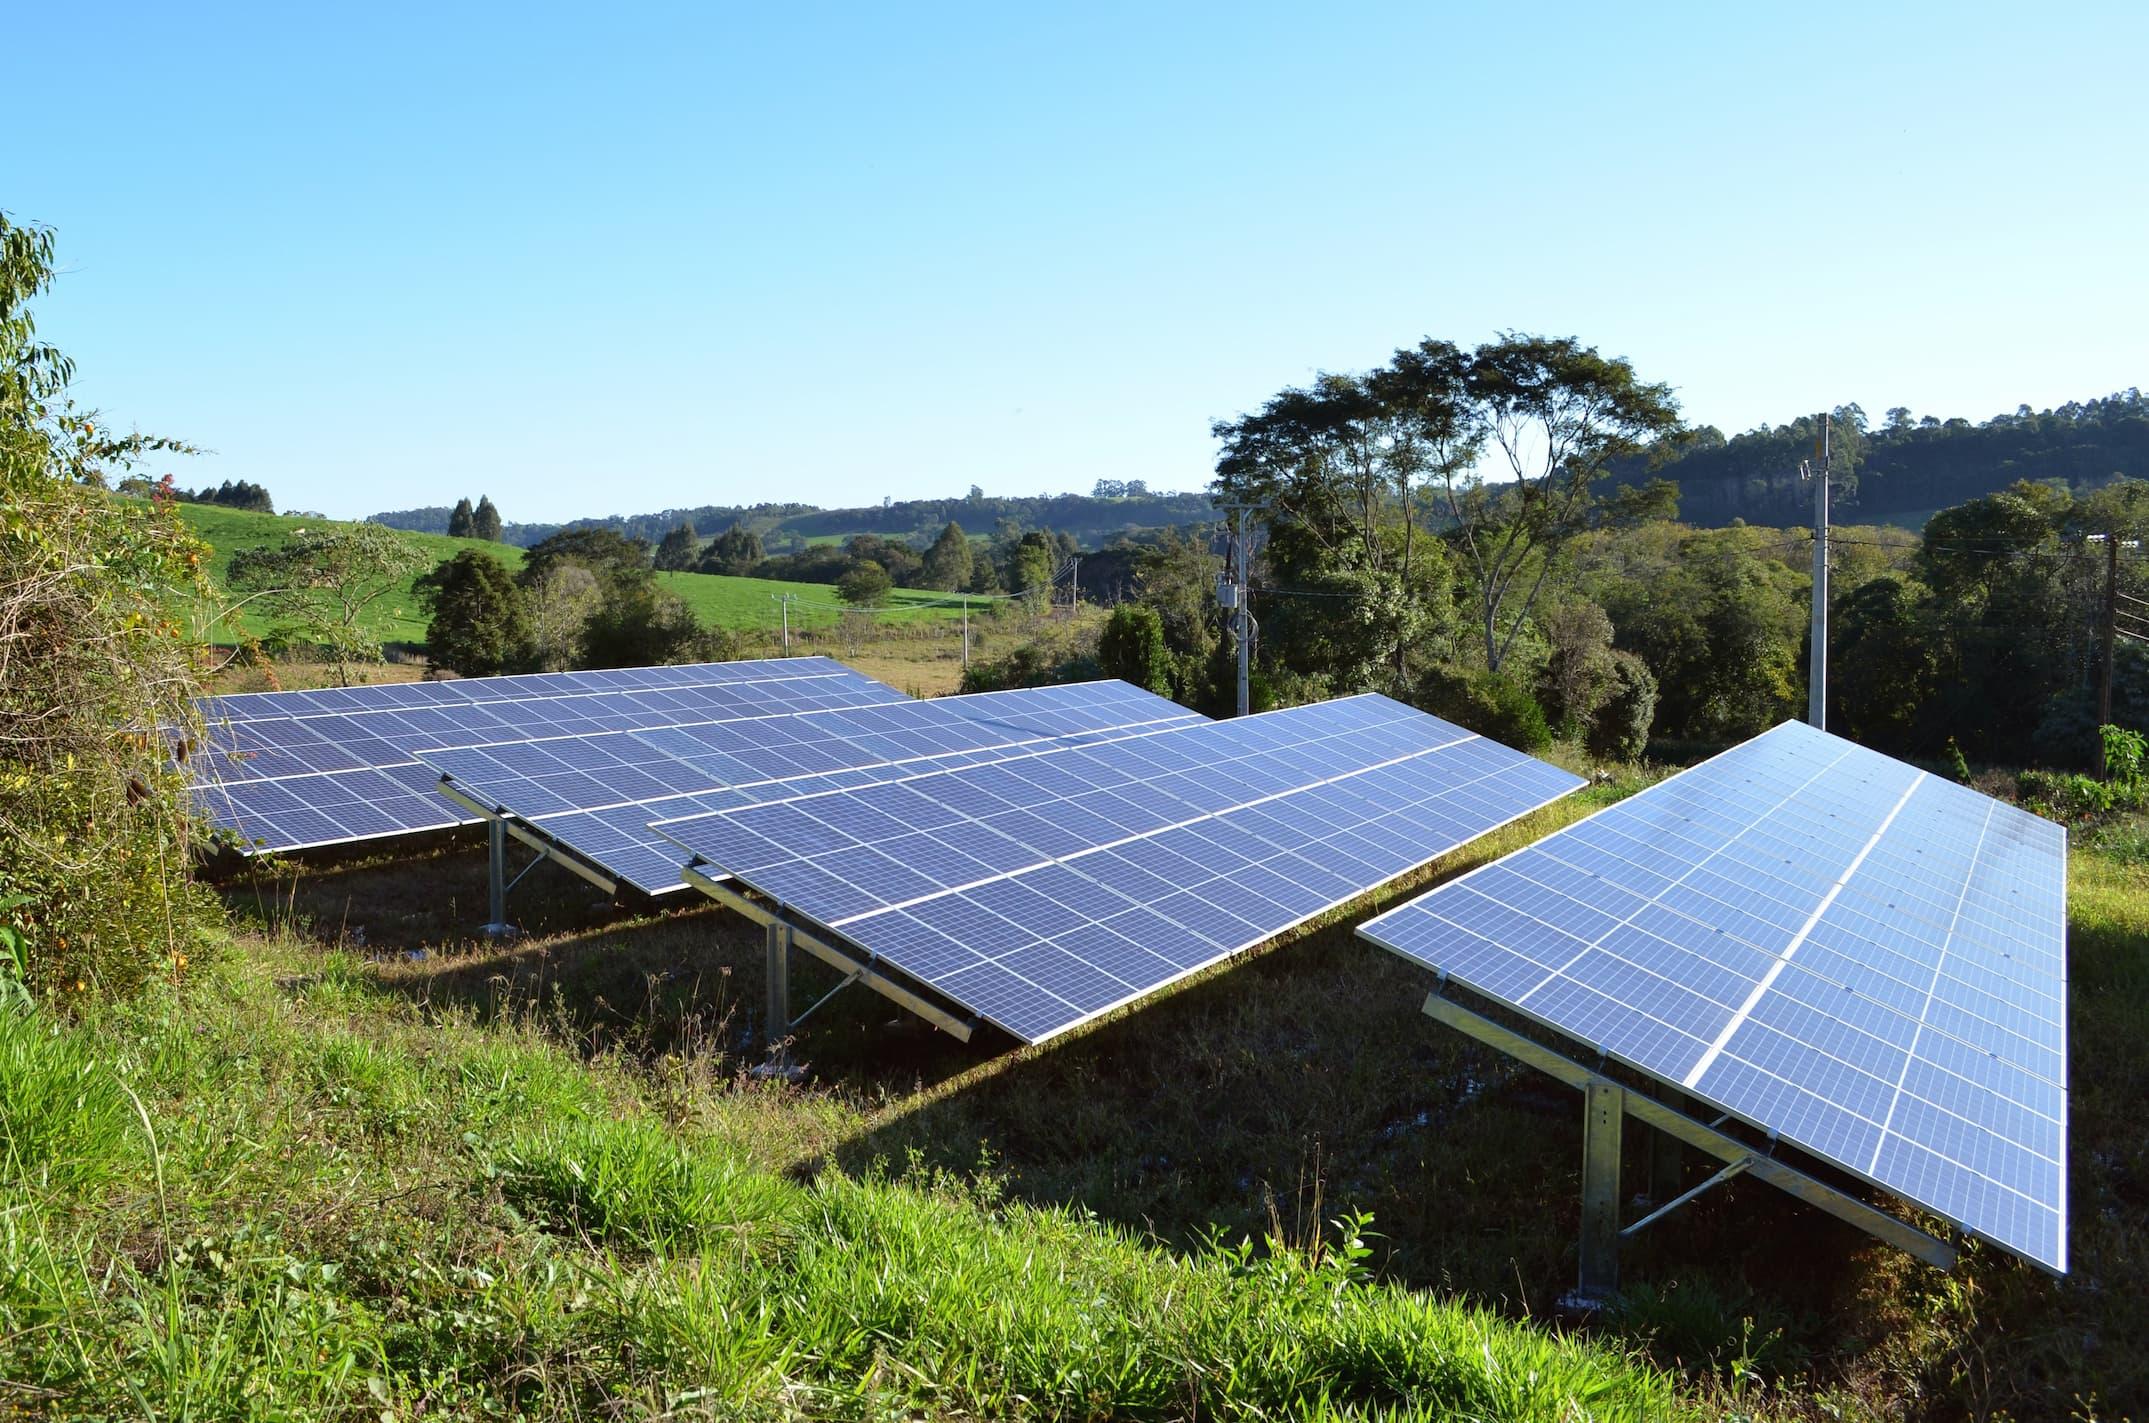 Installation de panneaux solaires photovoltaïques au sol | Energreen